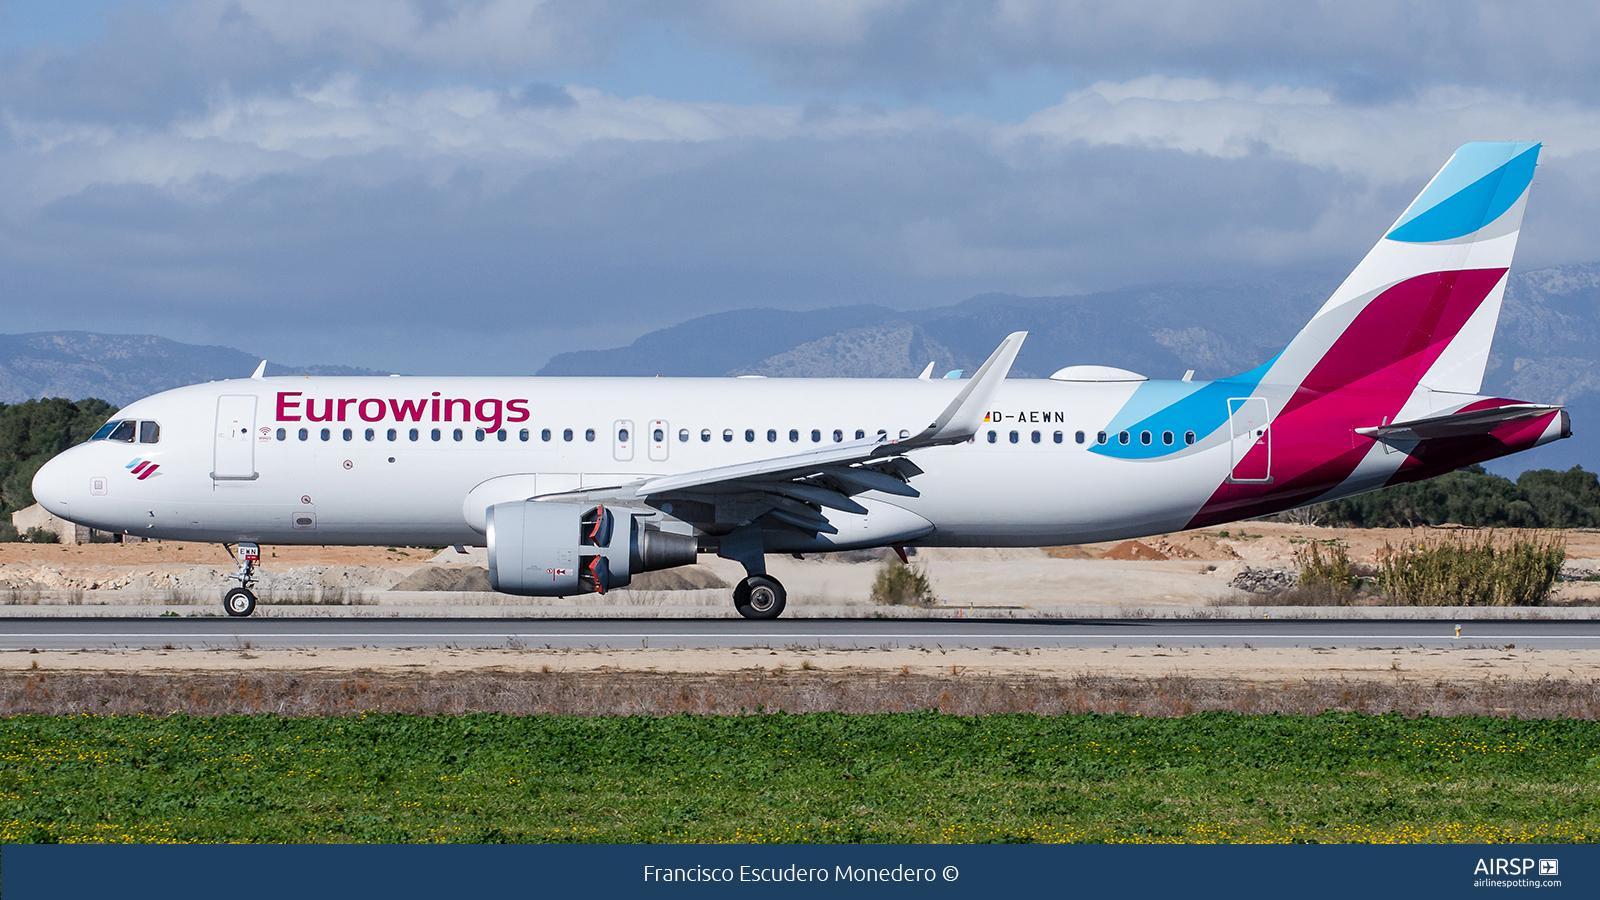 EurowingsAirbus A320D-AEWN